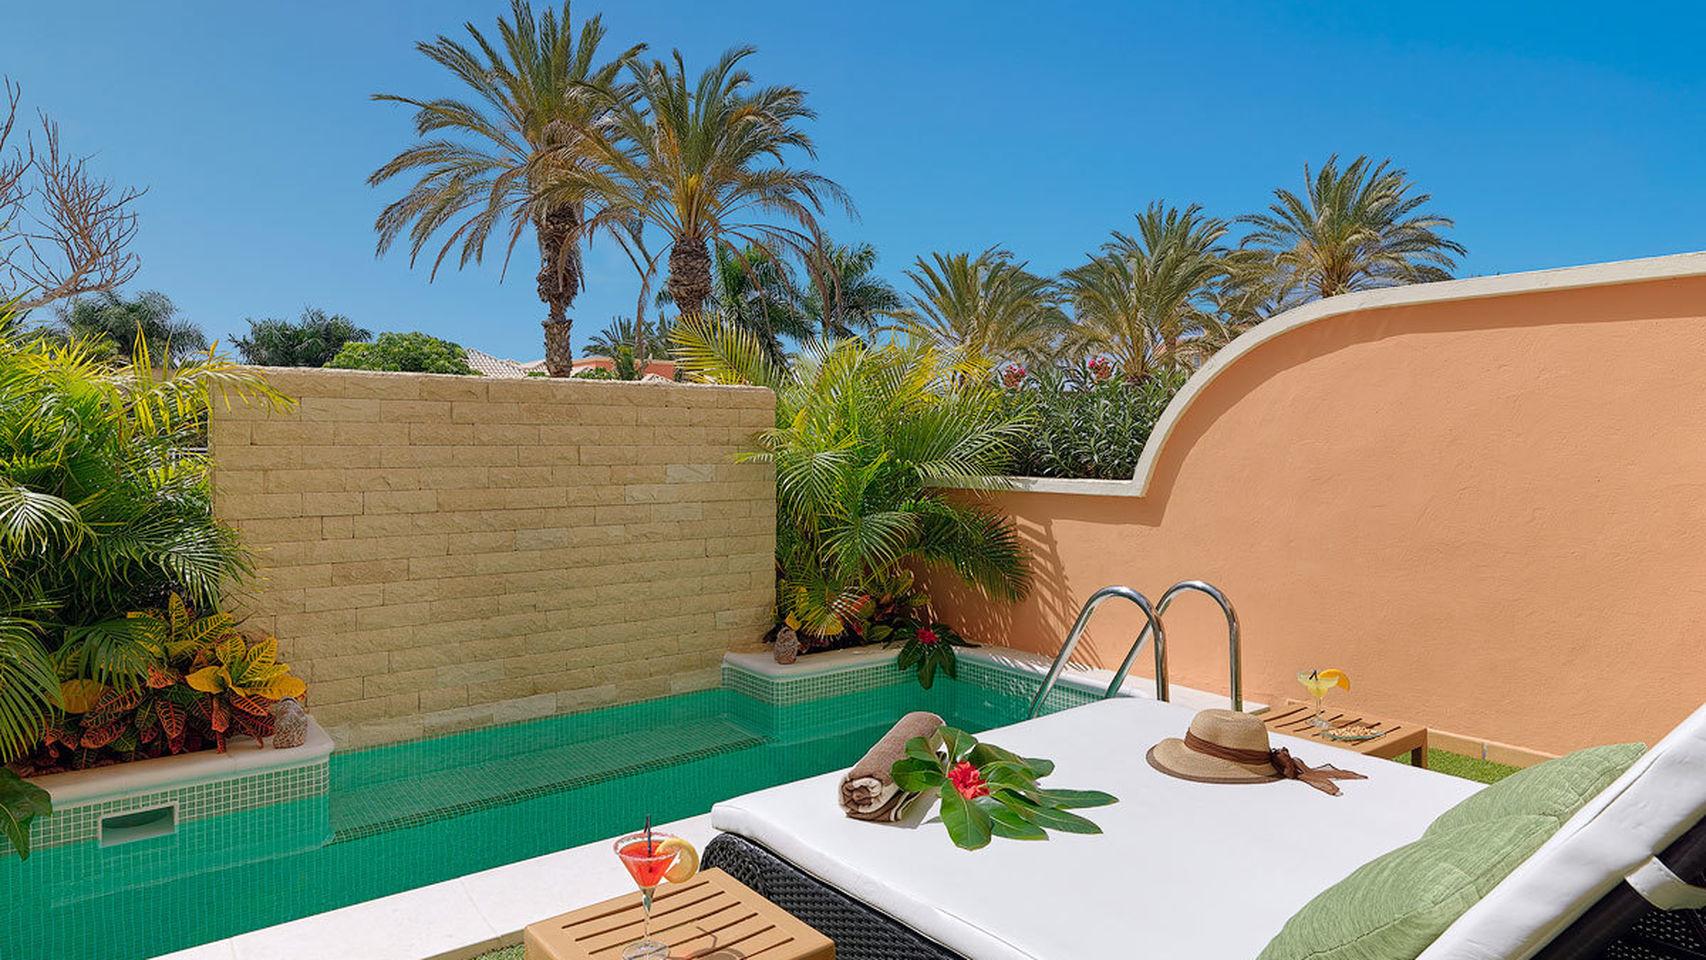 Inspiraci n piscinas privadas un espacio solo para t for Hoteles baratos en sevilla con piscina